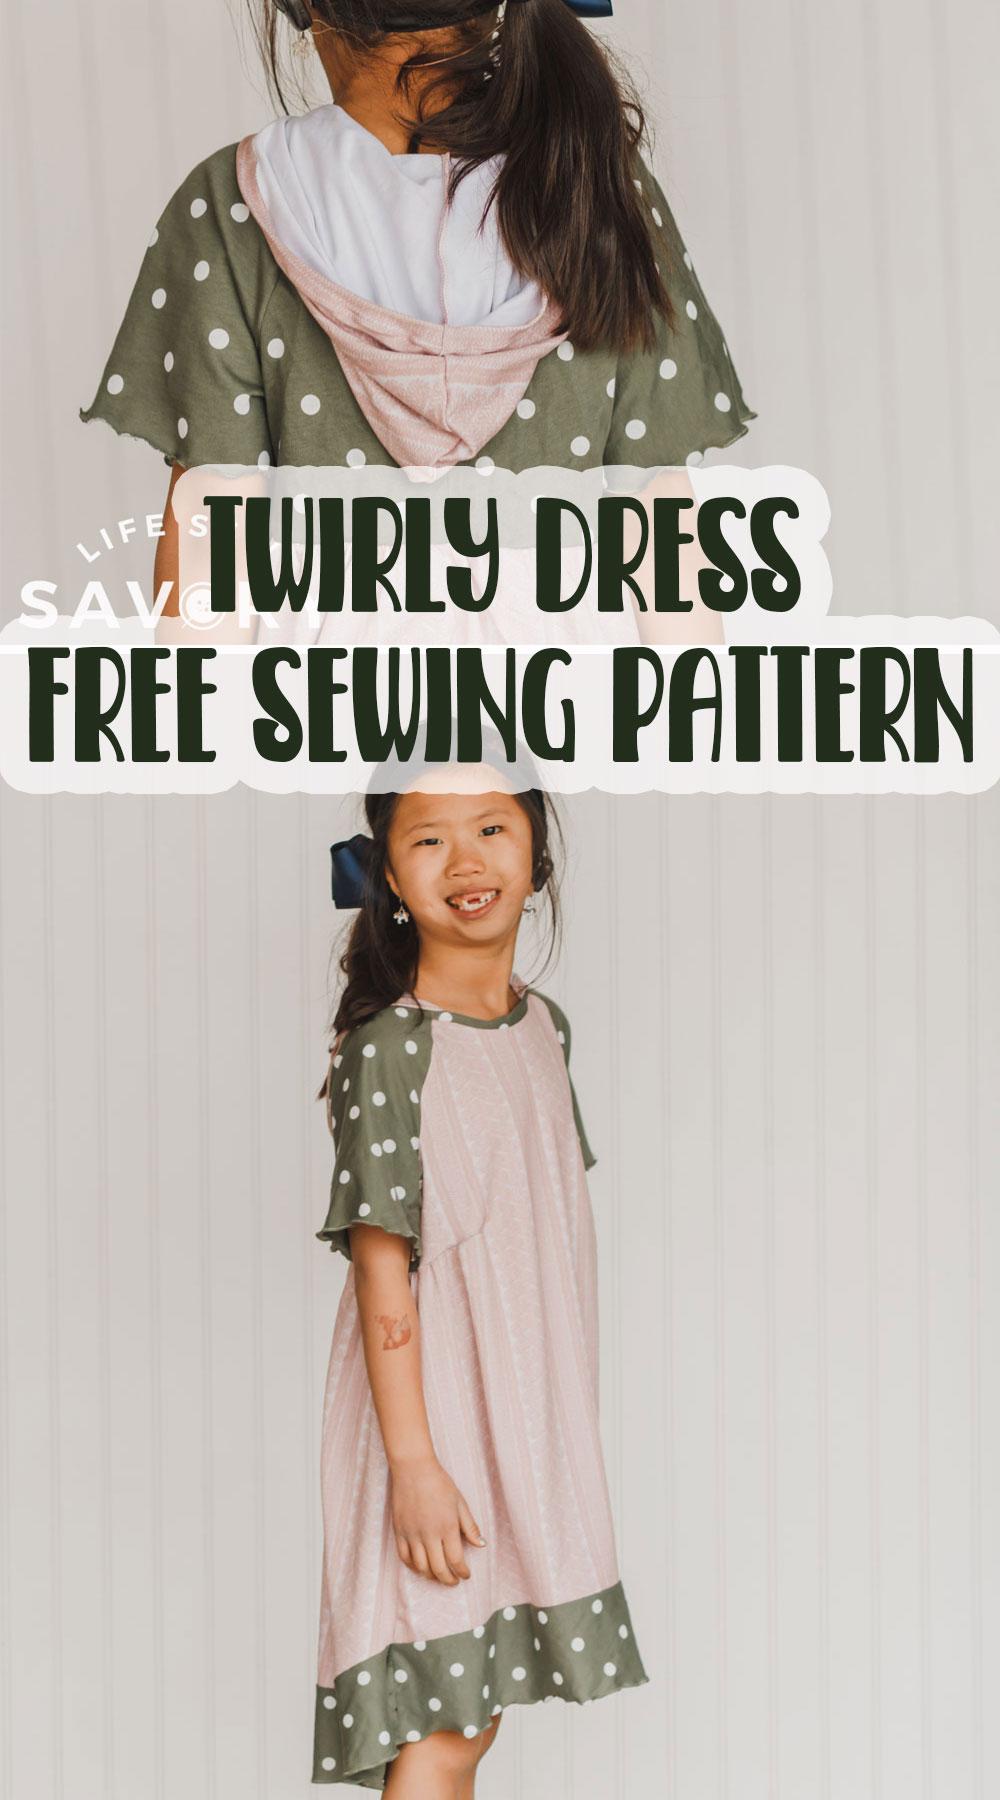 free twirly dress sewing pattern